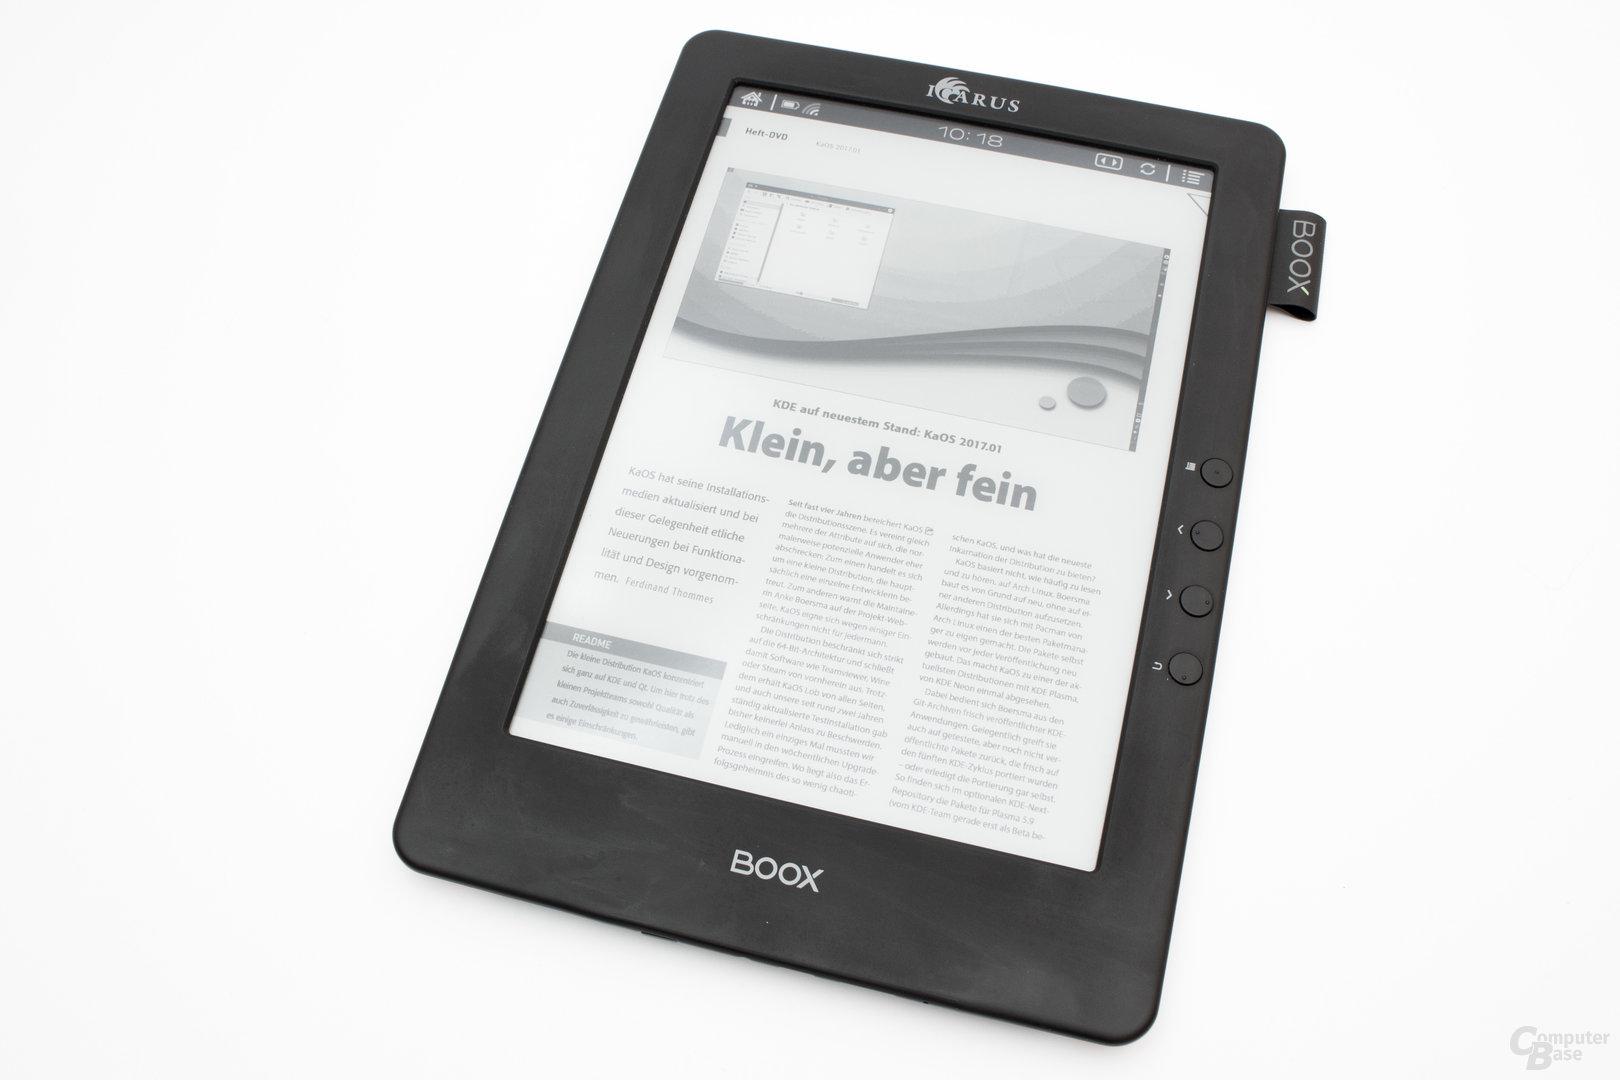 das große Display beim Icarus Illumina Pro eignet sich vor allem für E-Papers.